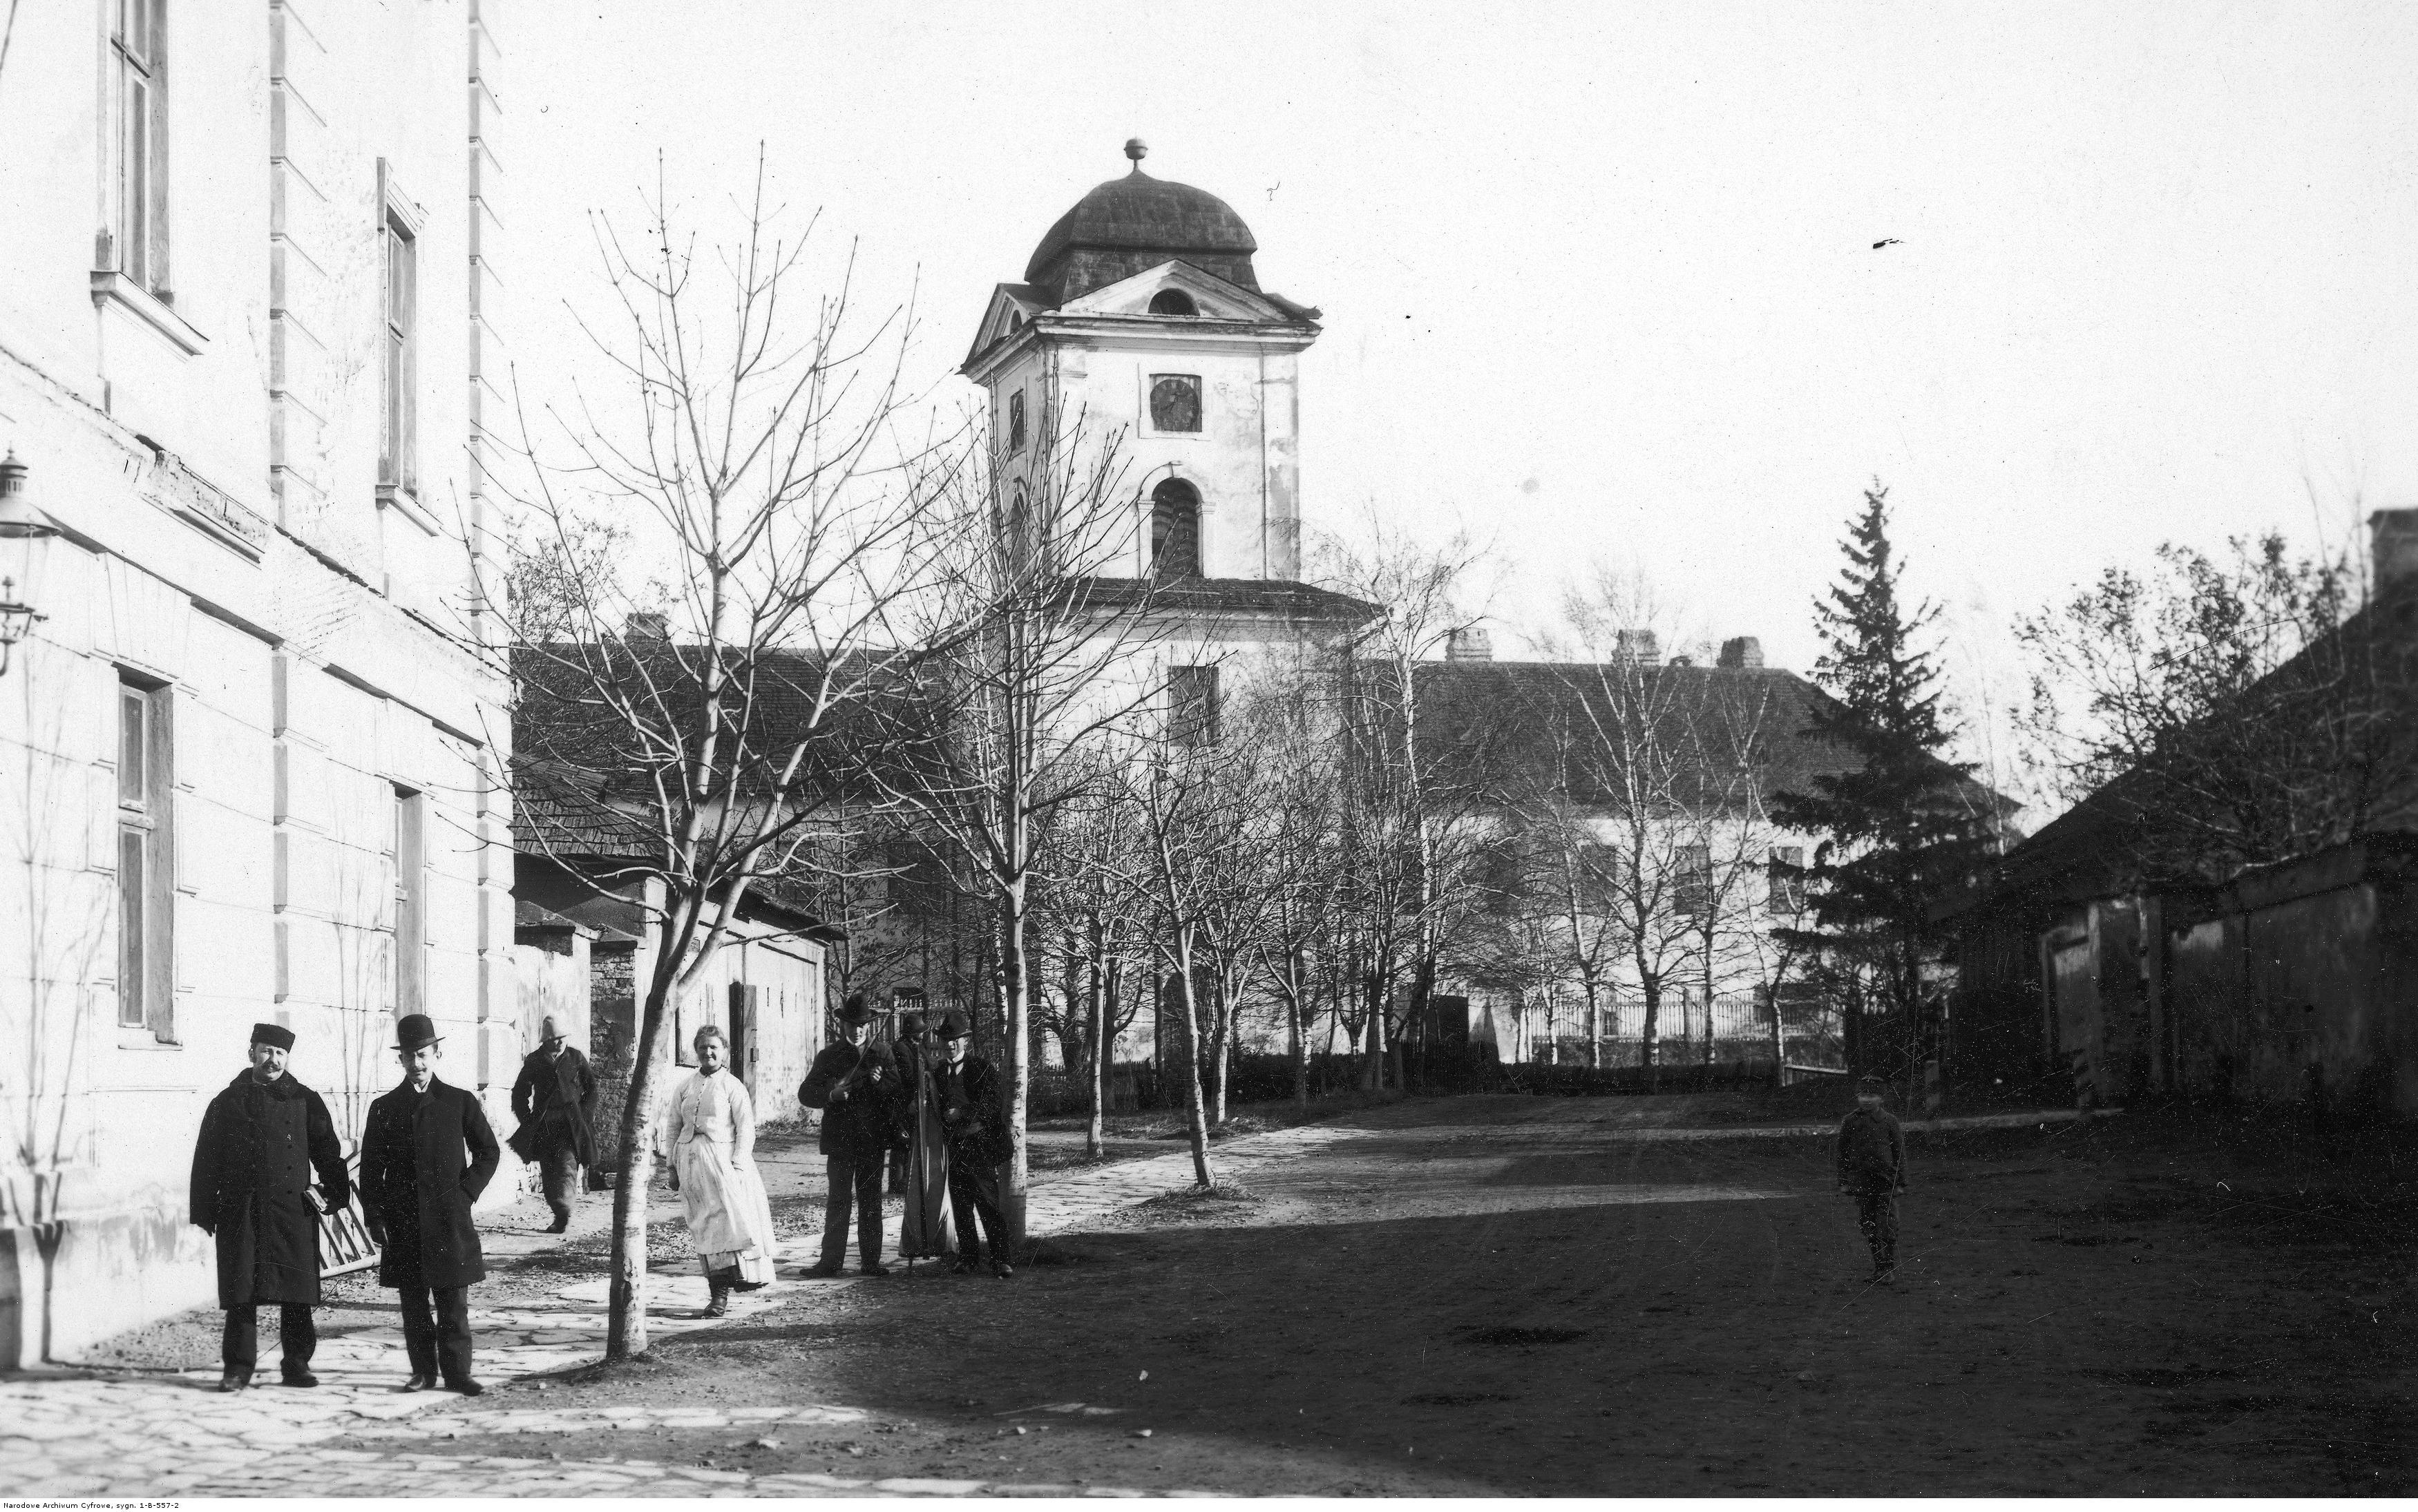 Siedziba Sądu Okręgowego w Rzeszowie znajdująca się w Zamku Lubomirskich. Widok zewnętrzny, rok 1929 -1939